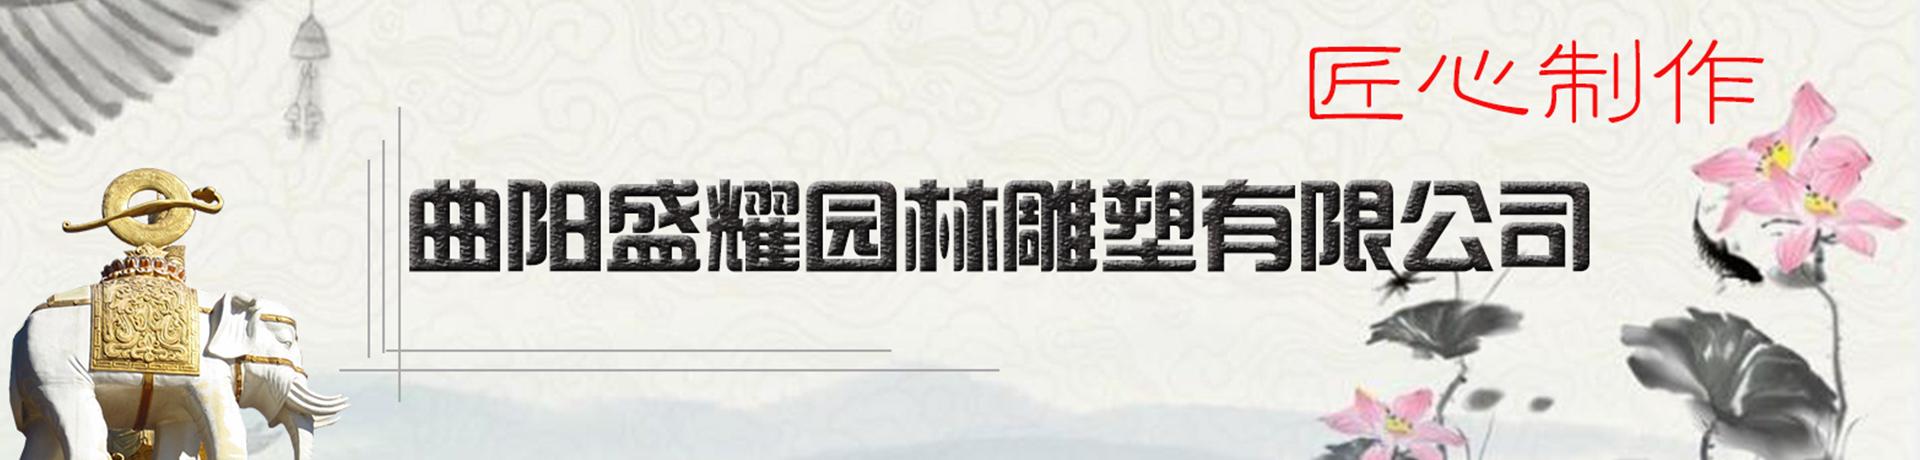 曲阳盛耀园林雕塑有限公司